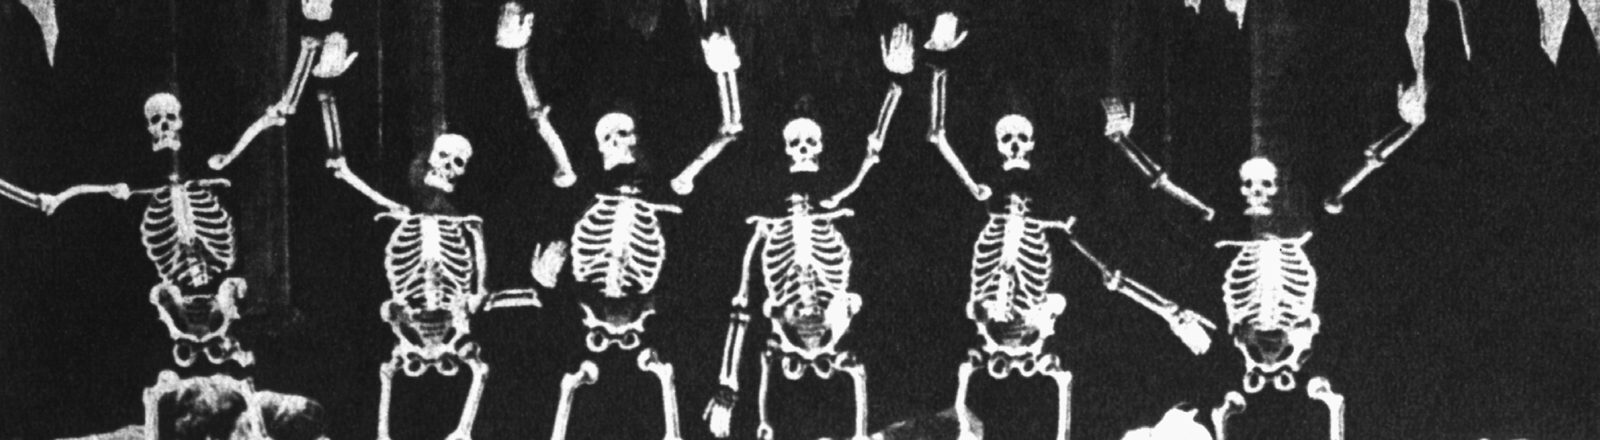 Gestikulierende Skelette aus einem Gruselfilm von Georges Méliès aus dem Jahr 1905.